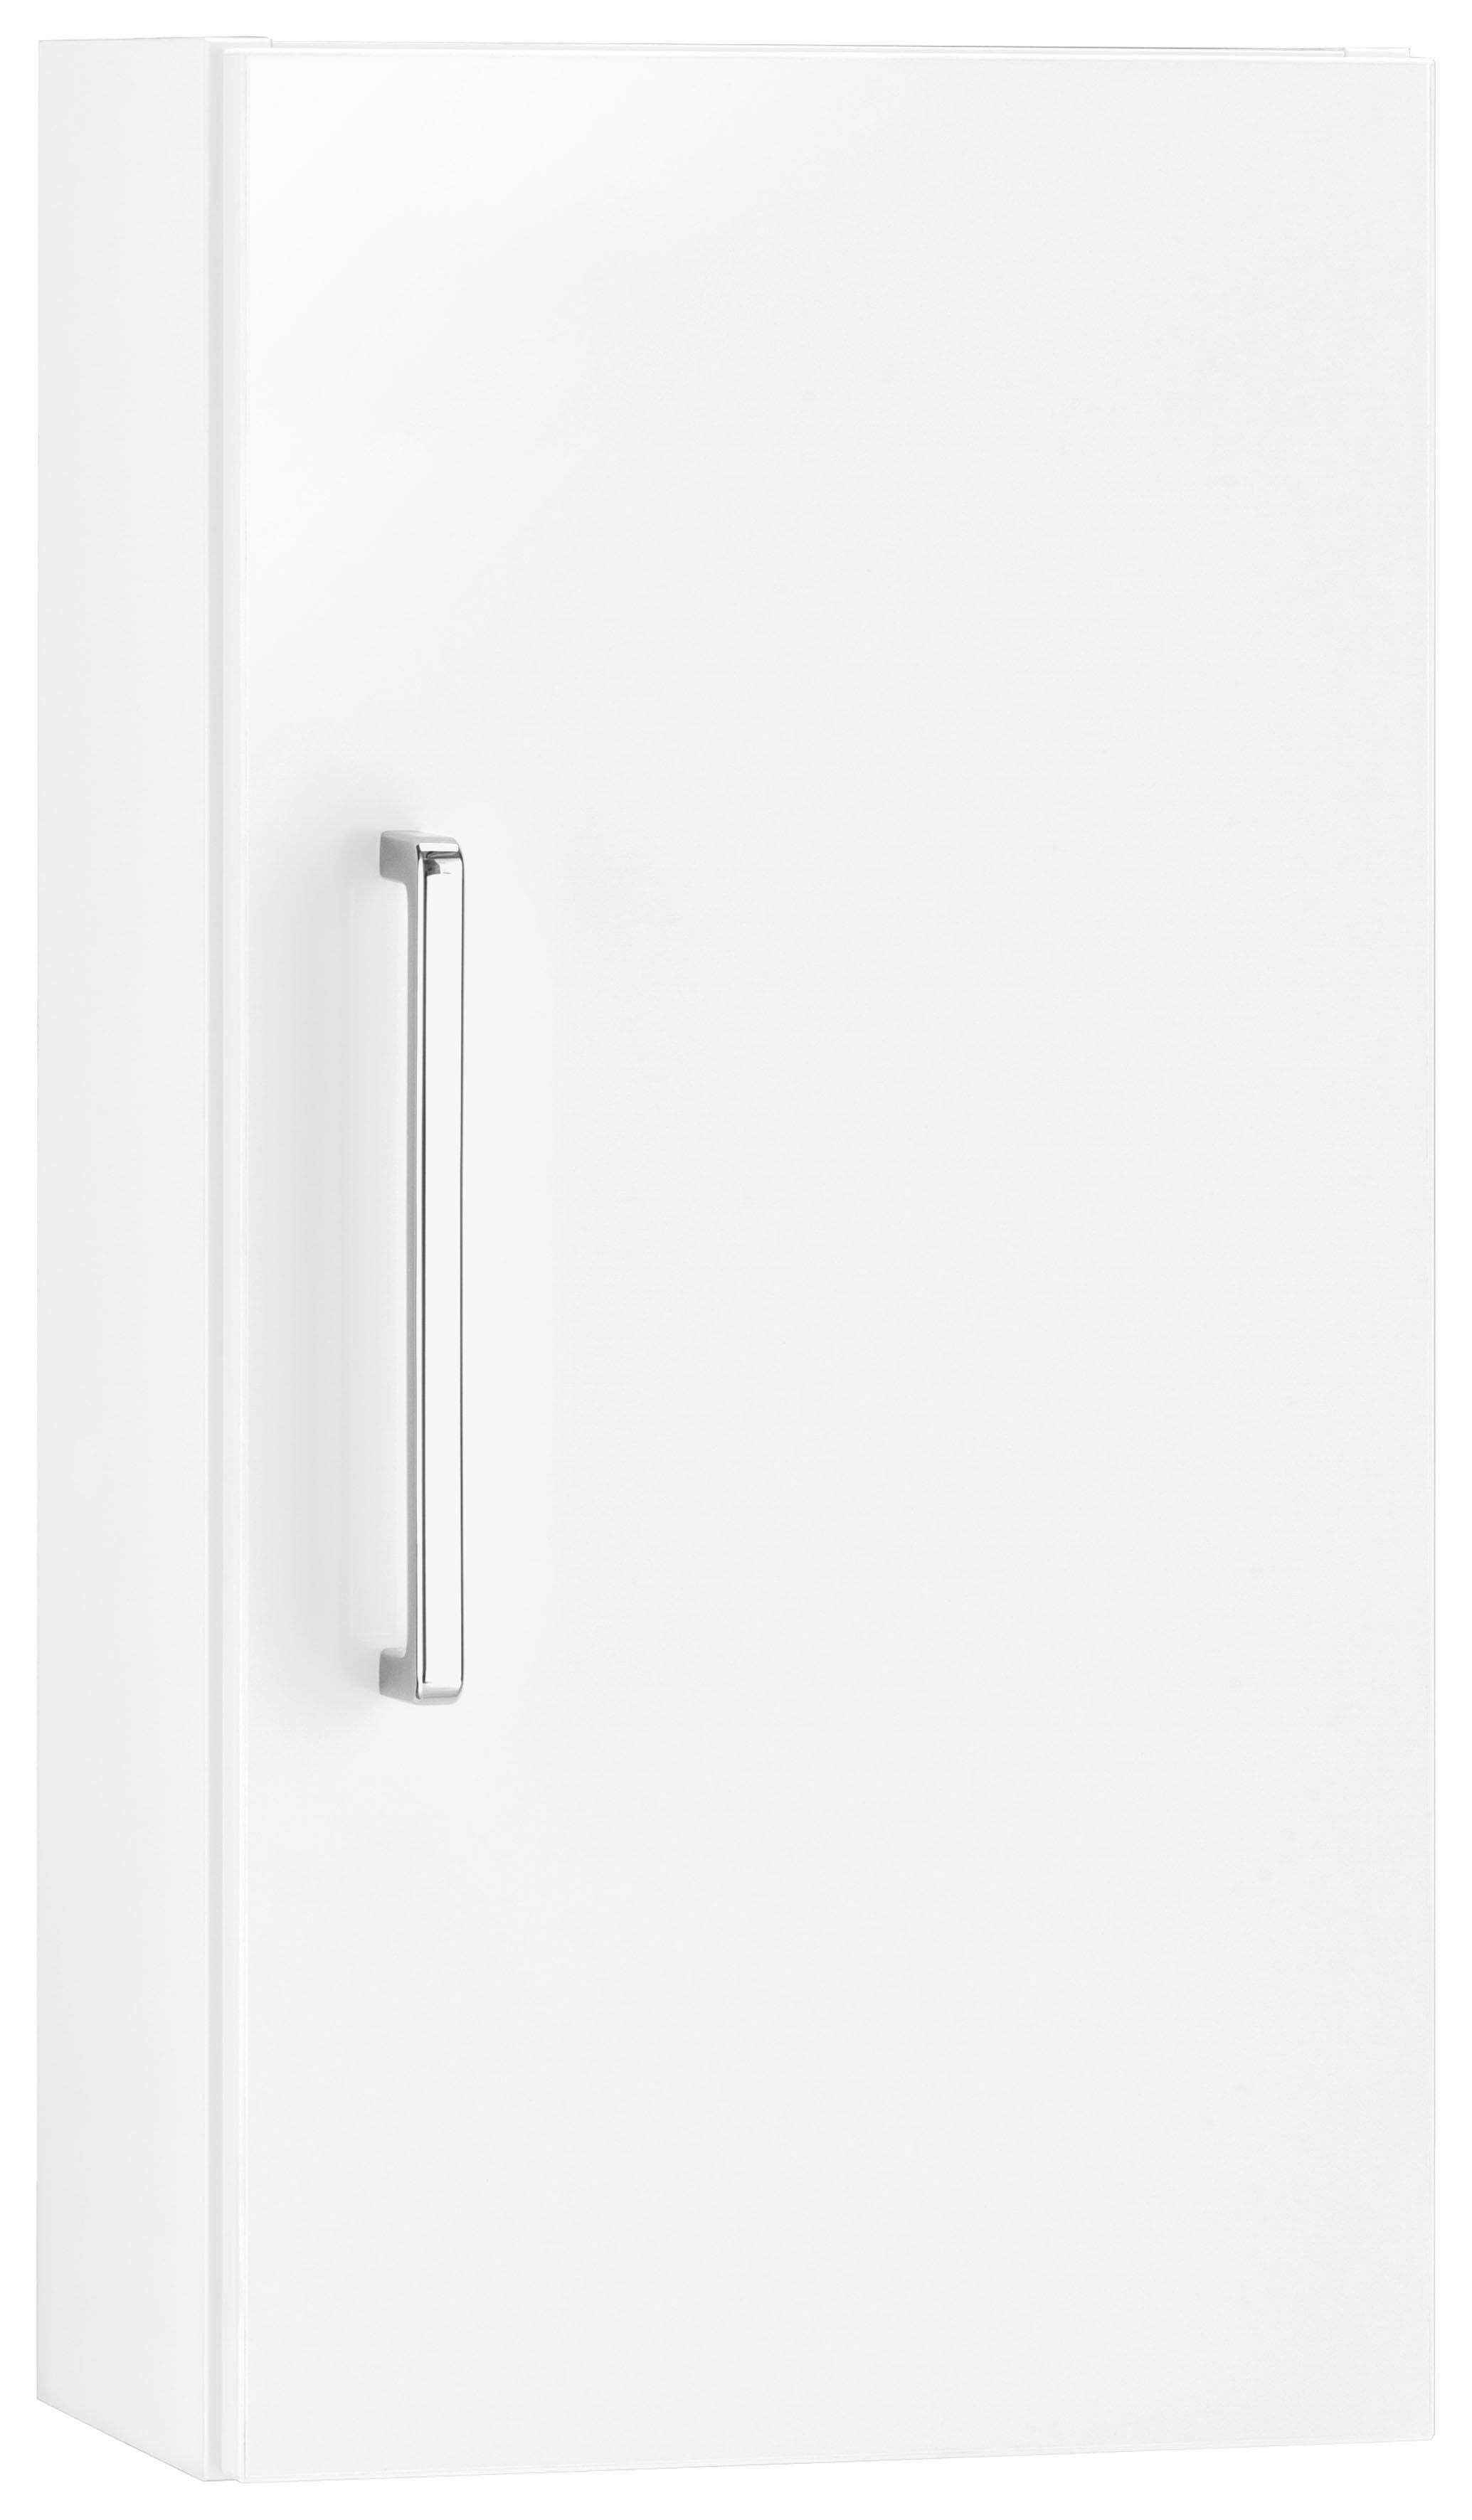 OPTIFIT Hängeschrank Napoli, mit Soft-Close-Funktion, Breite 30 cm günstig online kaufen